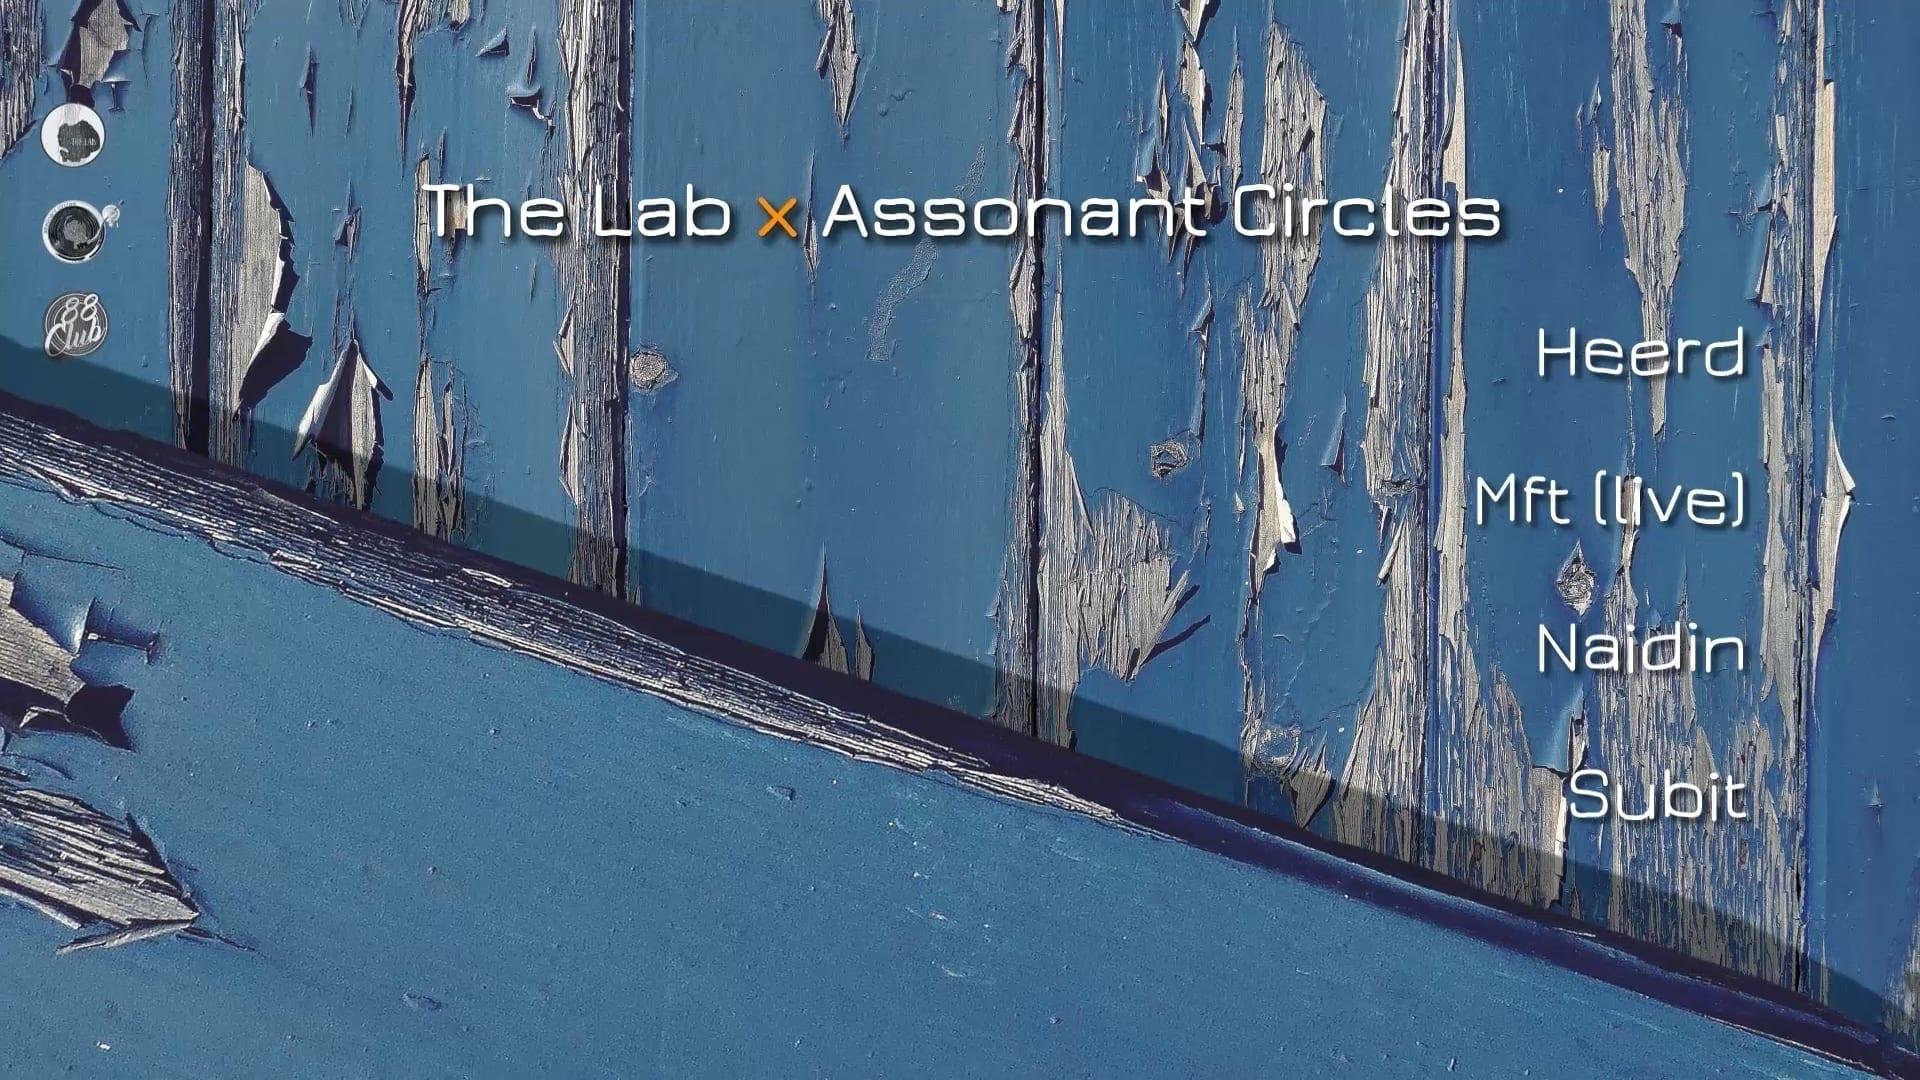 Assonant Circles X The Lab w/ Heerd / Mft / Naidin / Subit @ Club 88-Craiova